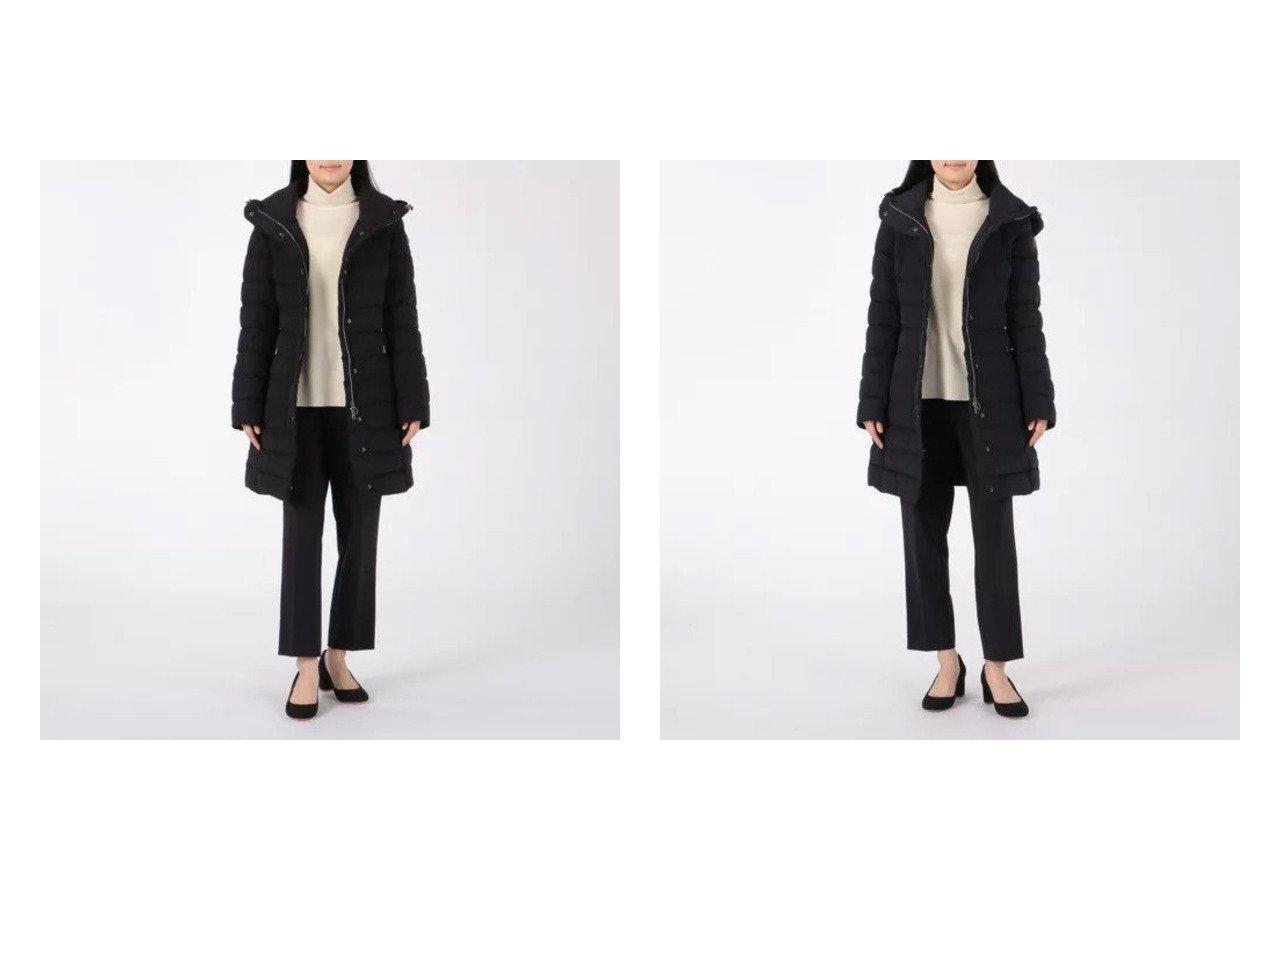 【CAPE HORN/ケープホーン】のSANTACRUZ アウターのおすすめ!人気、レディースファッションの通販 おすすめで人気のファッション通販商品 インテリア・家具・キッズファッション・メンズファッション・レディースファッション・服の通販 founy(ファニー) https://founy.com/ ファッション Fashion レディース WOMEN アウター Coat Outerwear コート Coats カフス シェイプ スタイリッシュ ダウン フェミニン メタル |ID:crp329100000001741